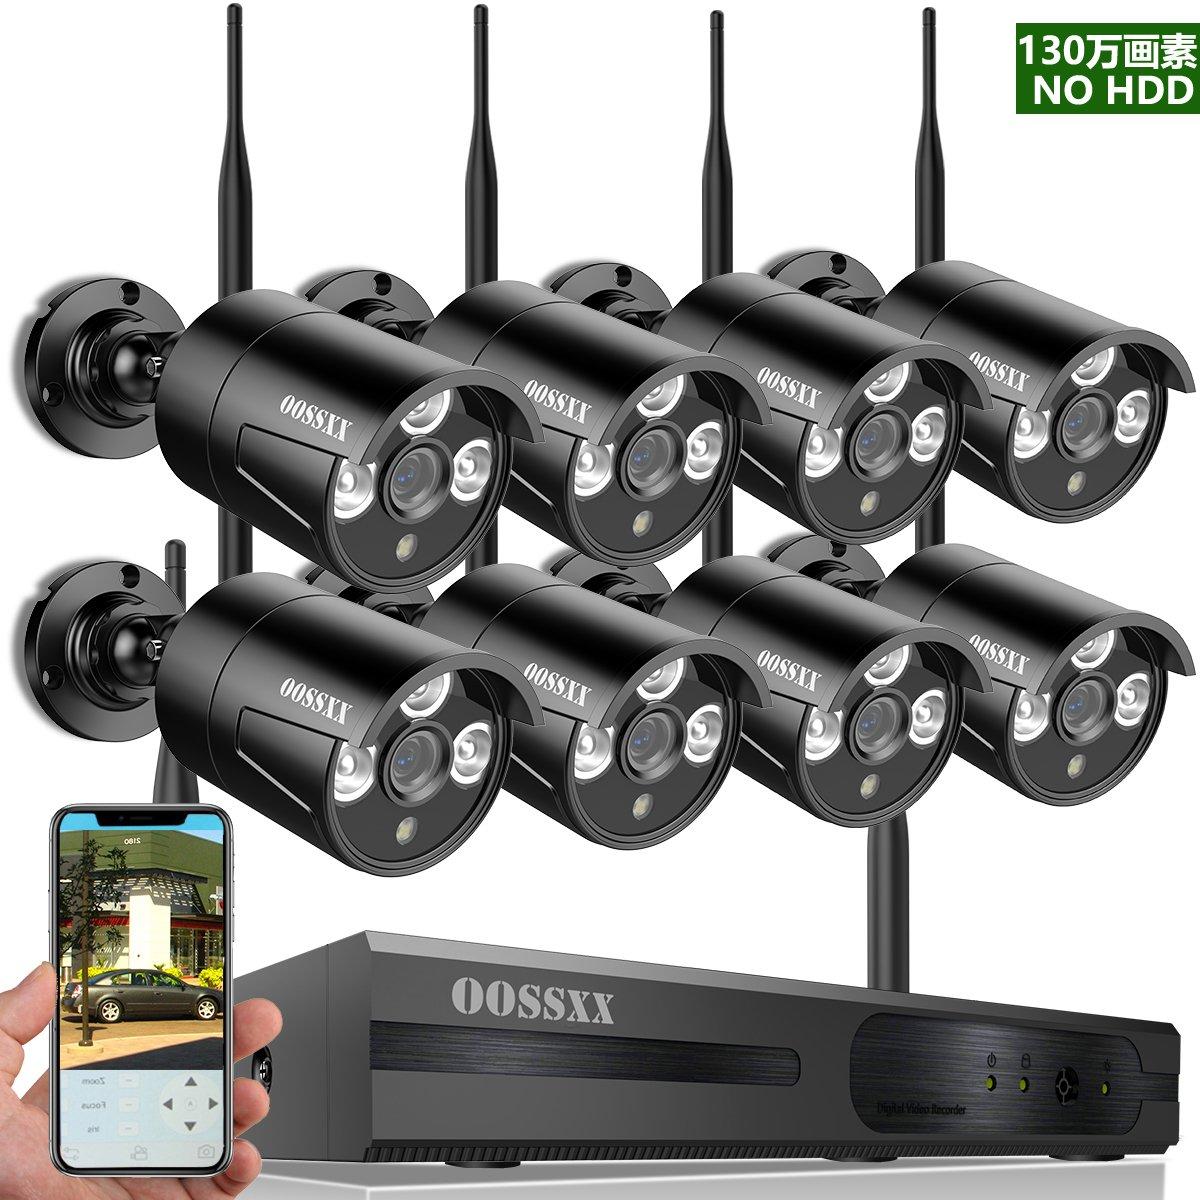 OOSSXX【2018最新バージョン】ハイビジョン8チャンネル 130万画素 IPネットワークワイヤレス監視システム、セキュリティカメラ 8台960P 130画素(1280TVL)ワイヤレス屋内外両用防水カメラ、夜間用赤外線カメラ P2P/App/ハードディスクなし。 B071X2QT3V 960P 8チャンネルNVR+カメラ8台+ハードディスクなし 960P 8チャンネルNVR+カメラ8台+ハードディスクなし